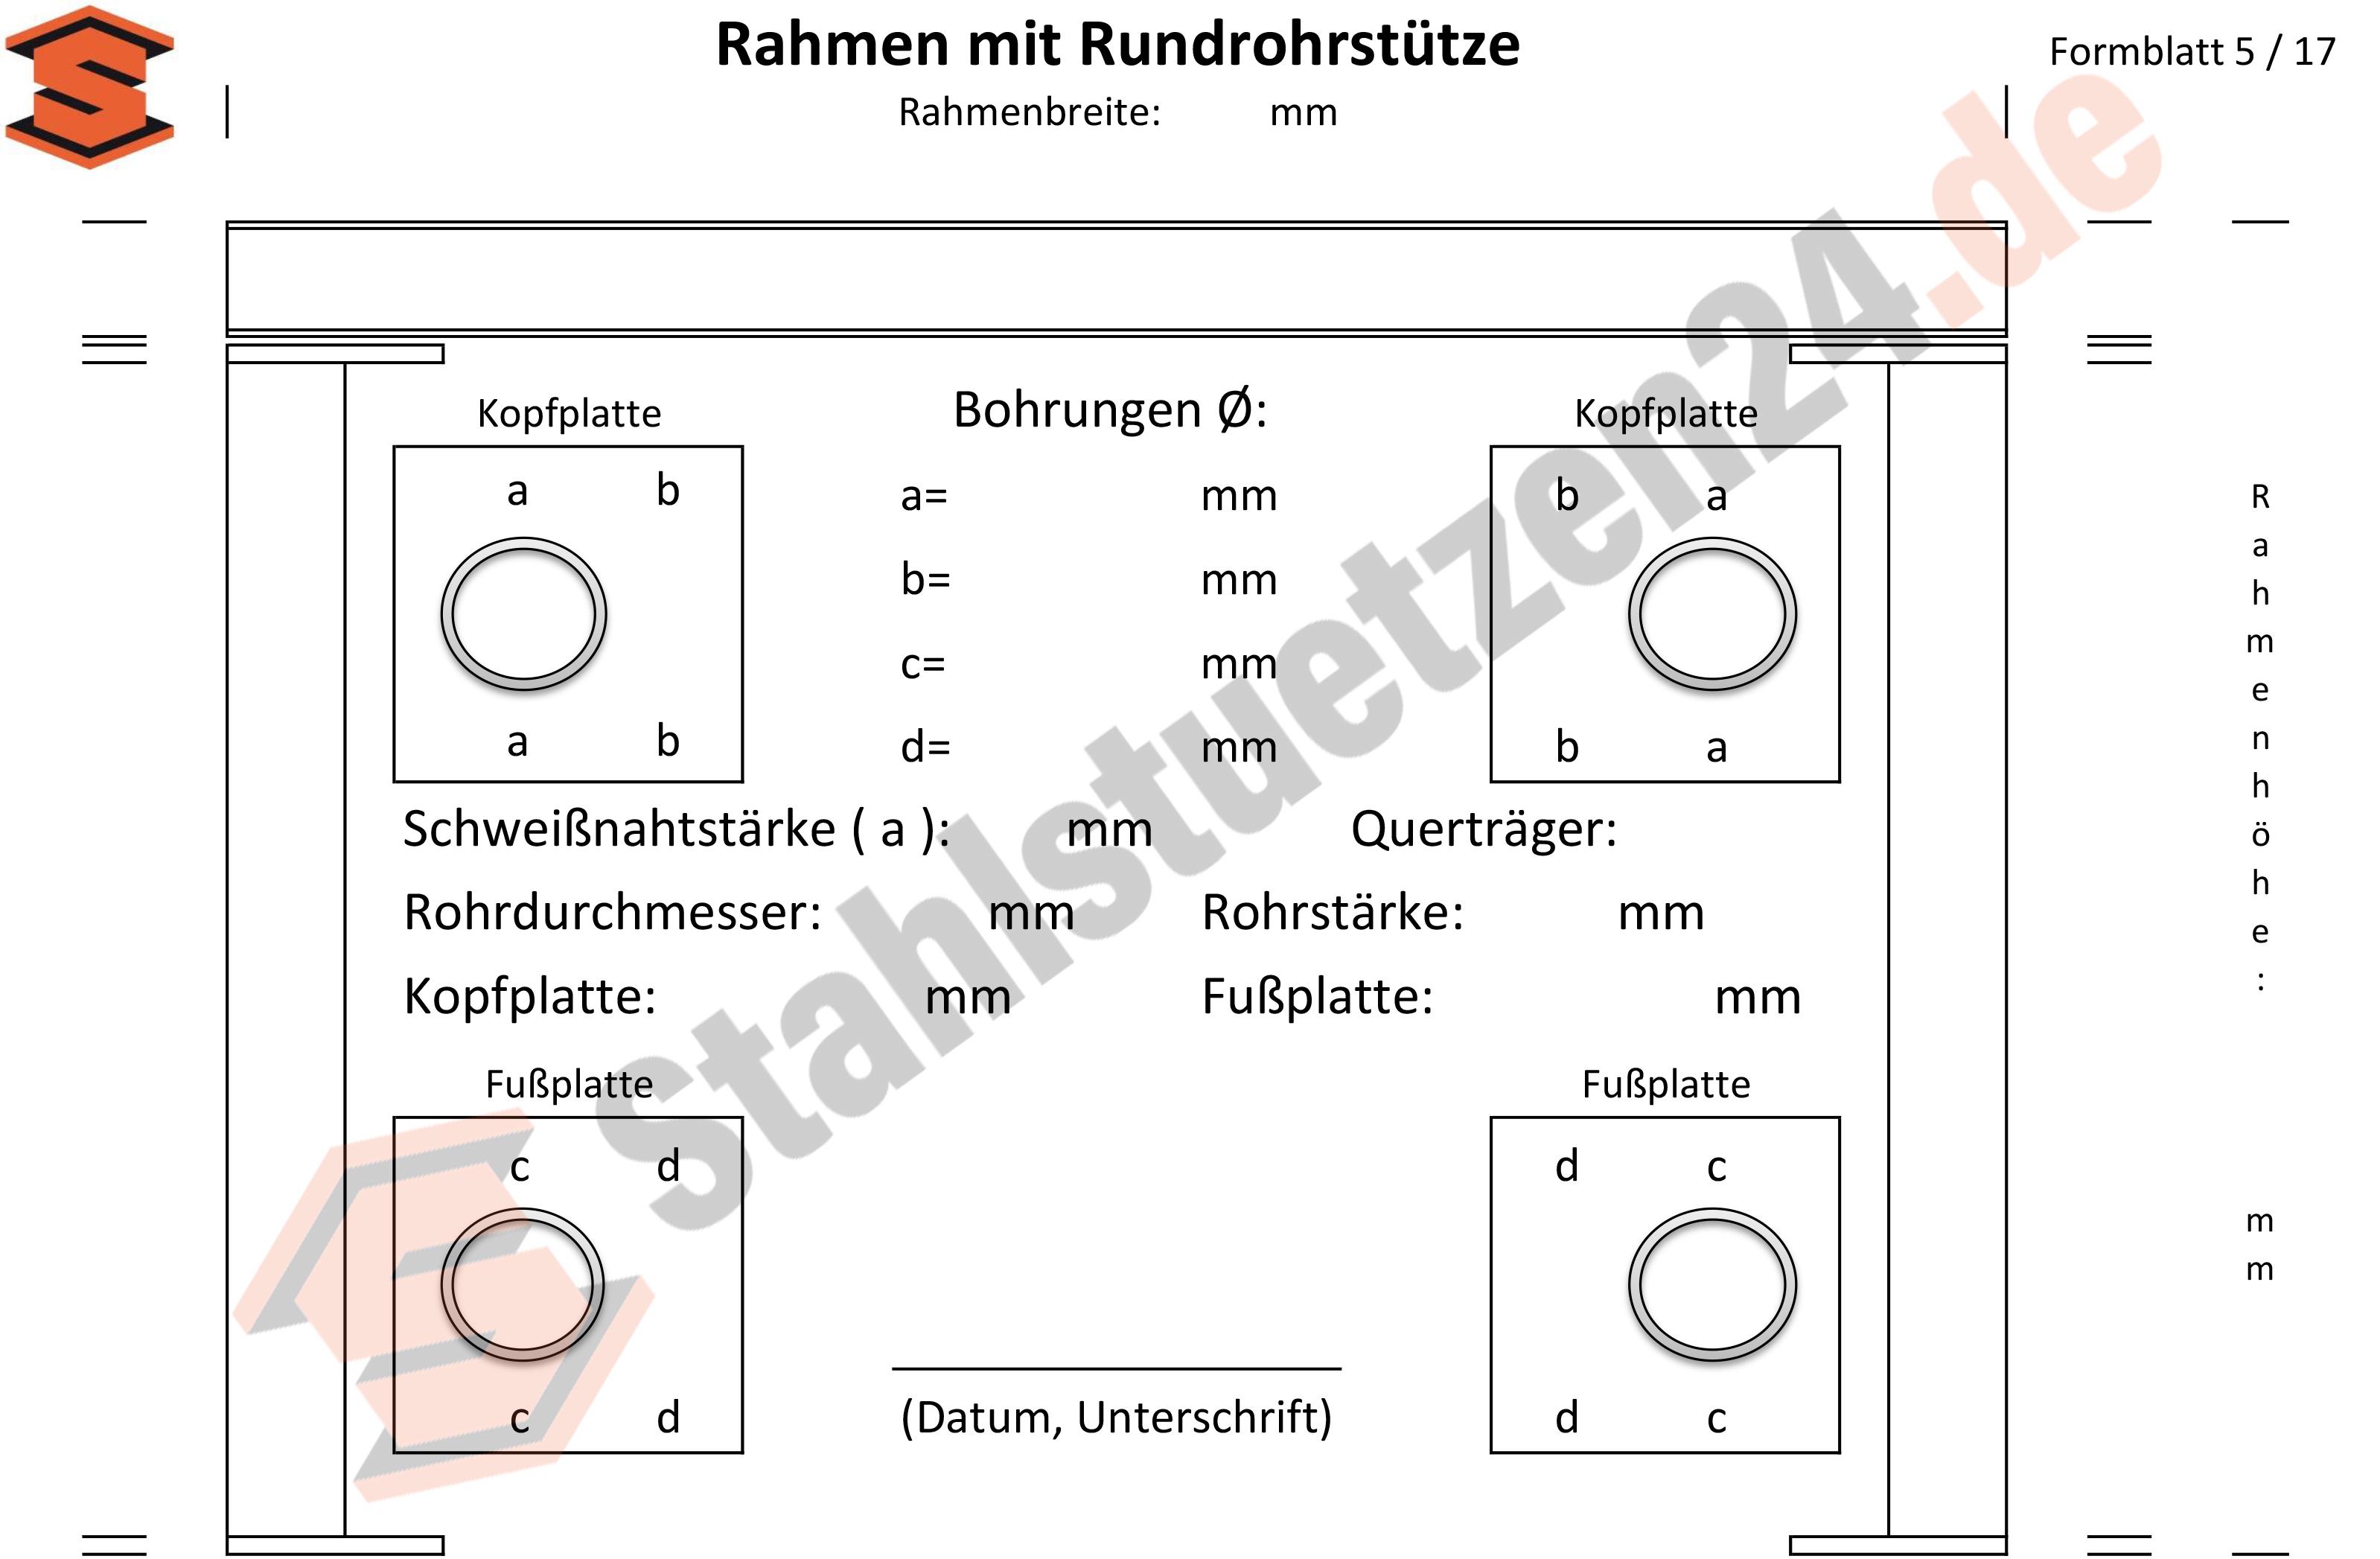 Konstruktionshilfe - Rahmen mit Rundrohrstütze